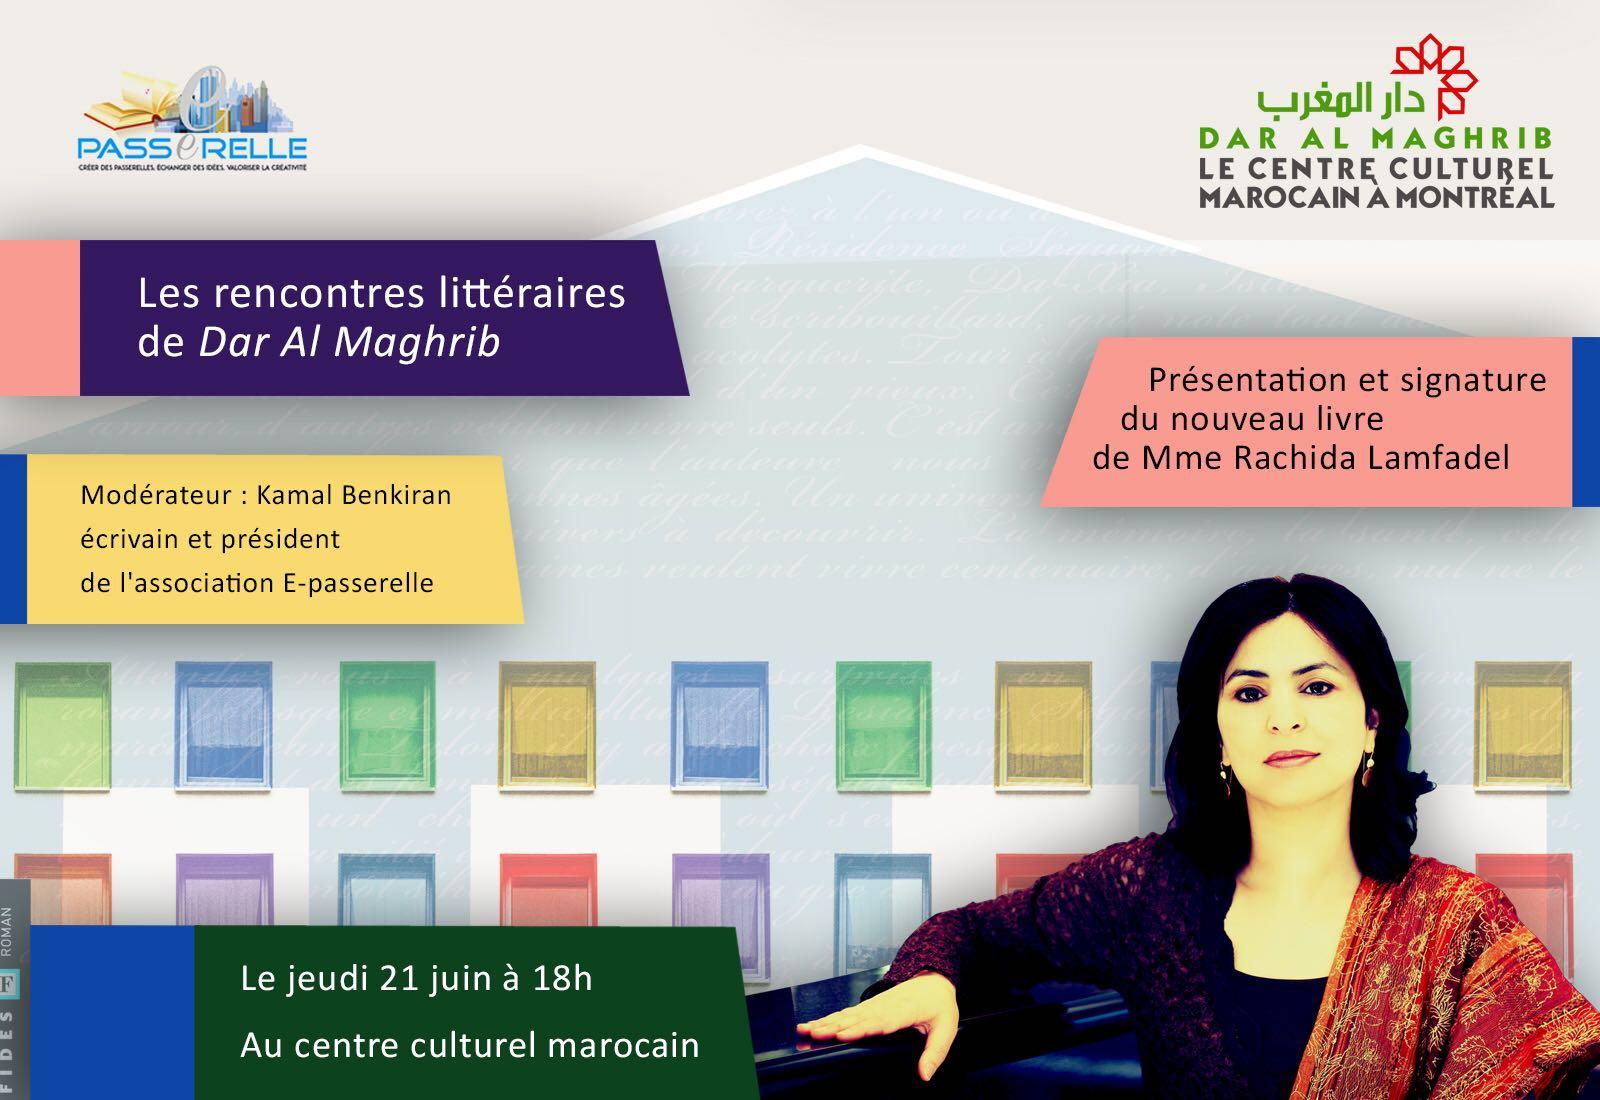 Présentation du nouveau livre  » Résidence Séquoia»  de l'auteure maroco-canadienne Mme Rachid Lamfedal»